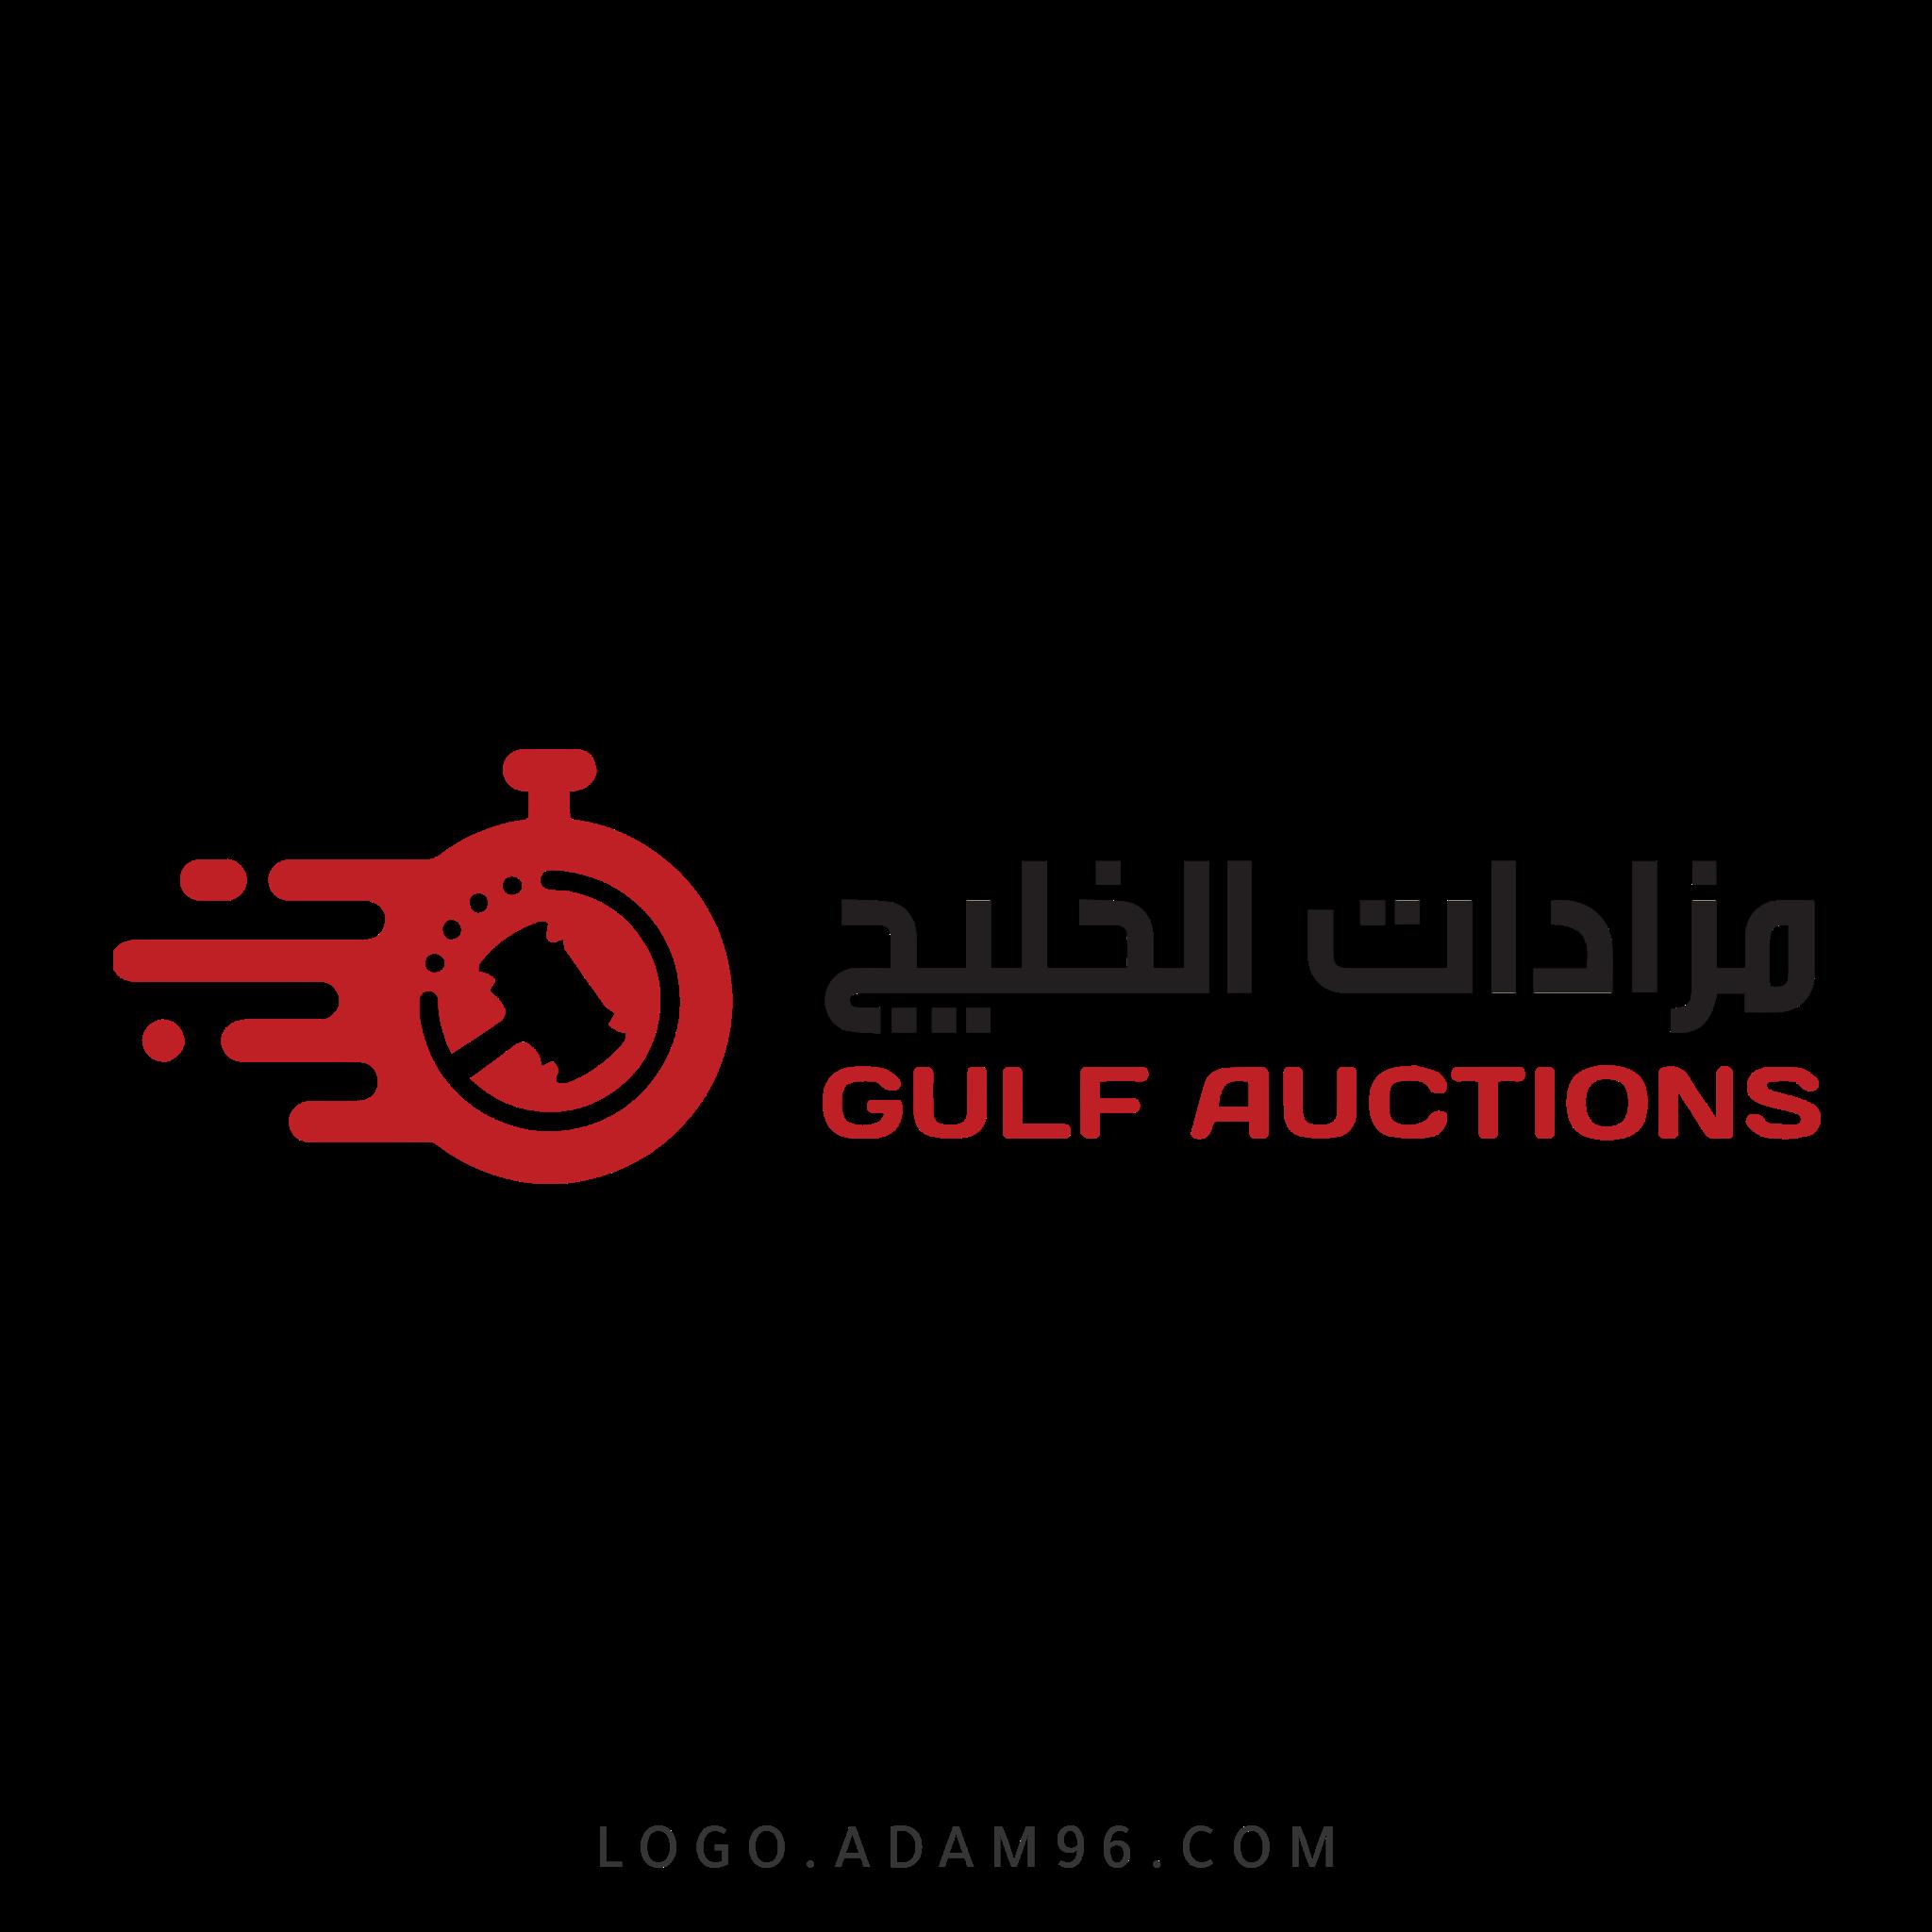 تحميل شعار مزادات الخليج عالي الجودة بصيغة PNG - شعارات السعودية